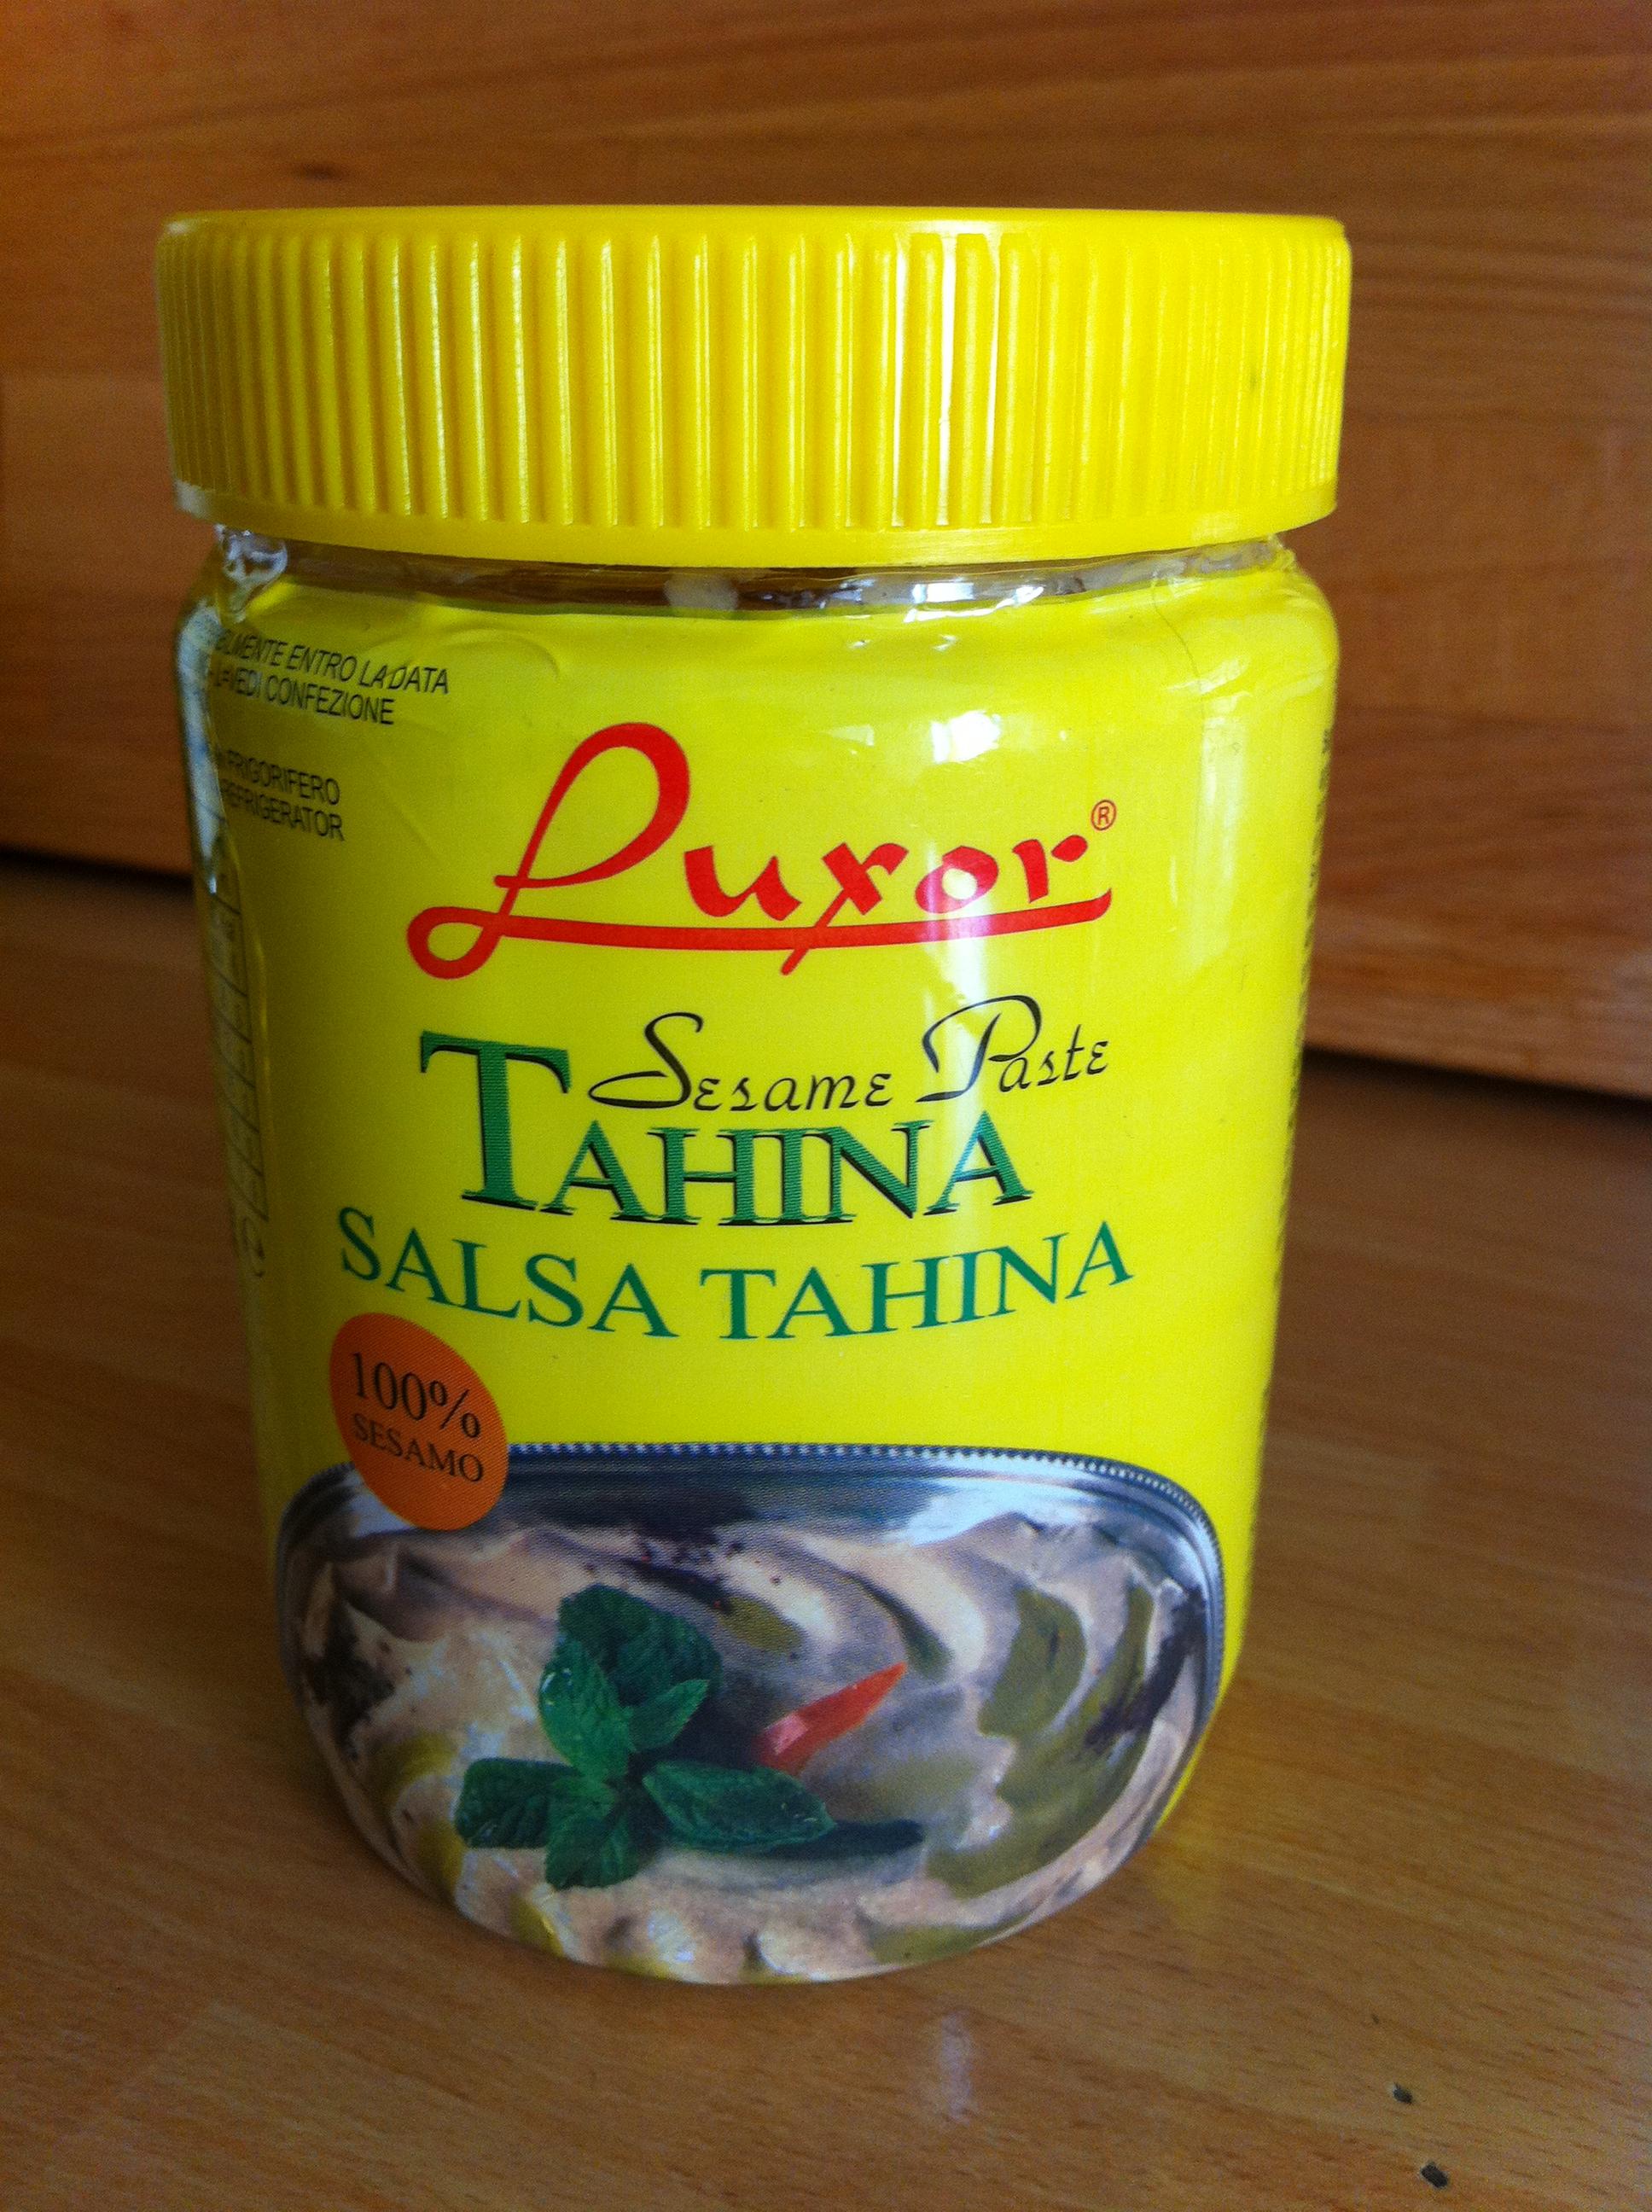 tahina luxor